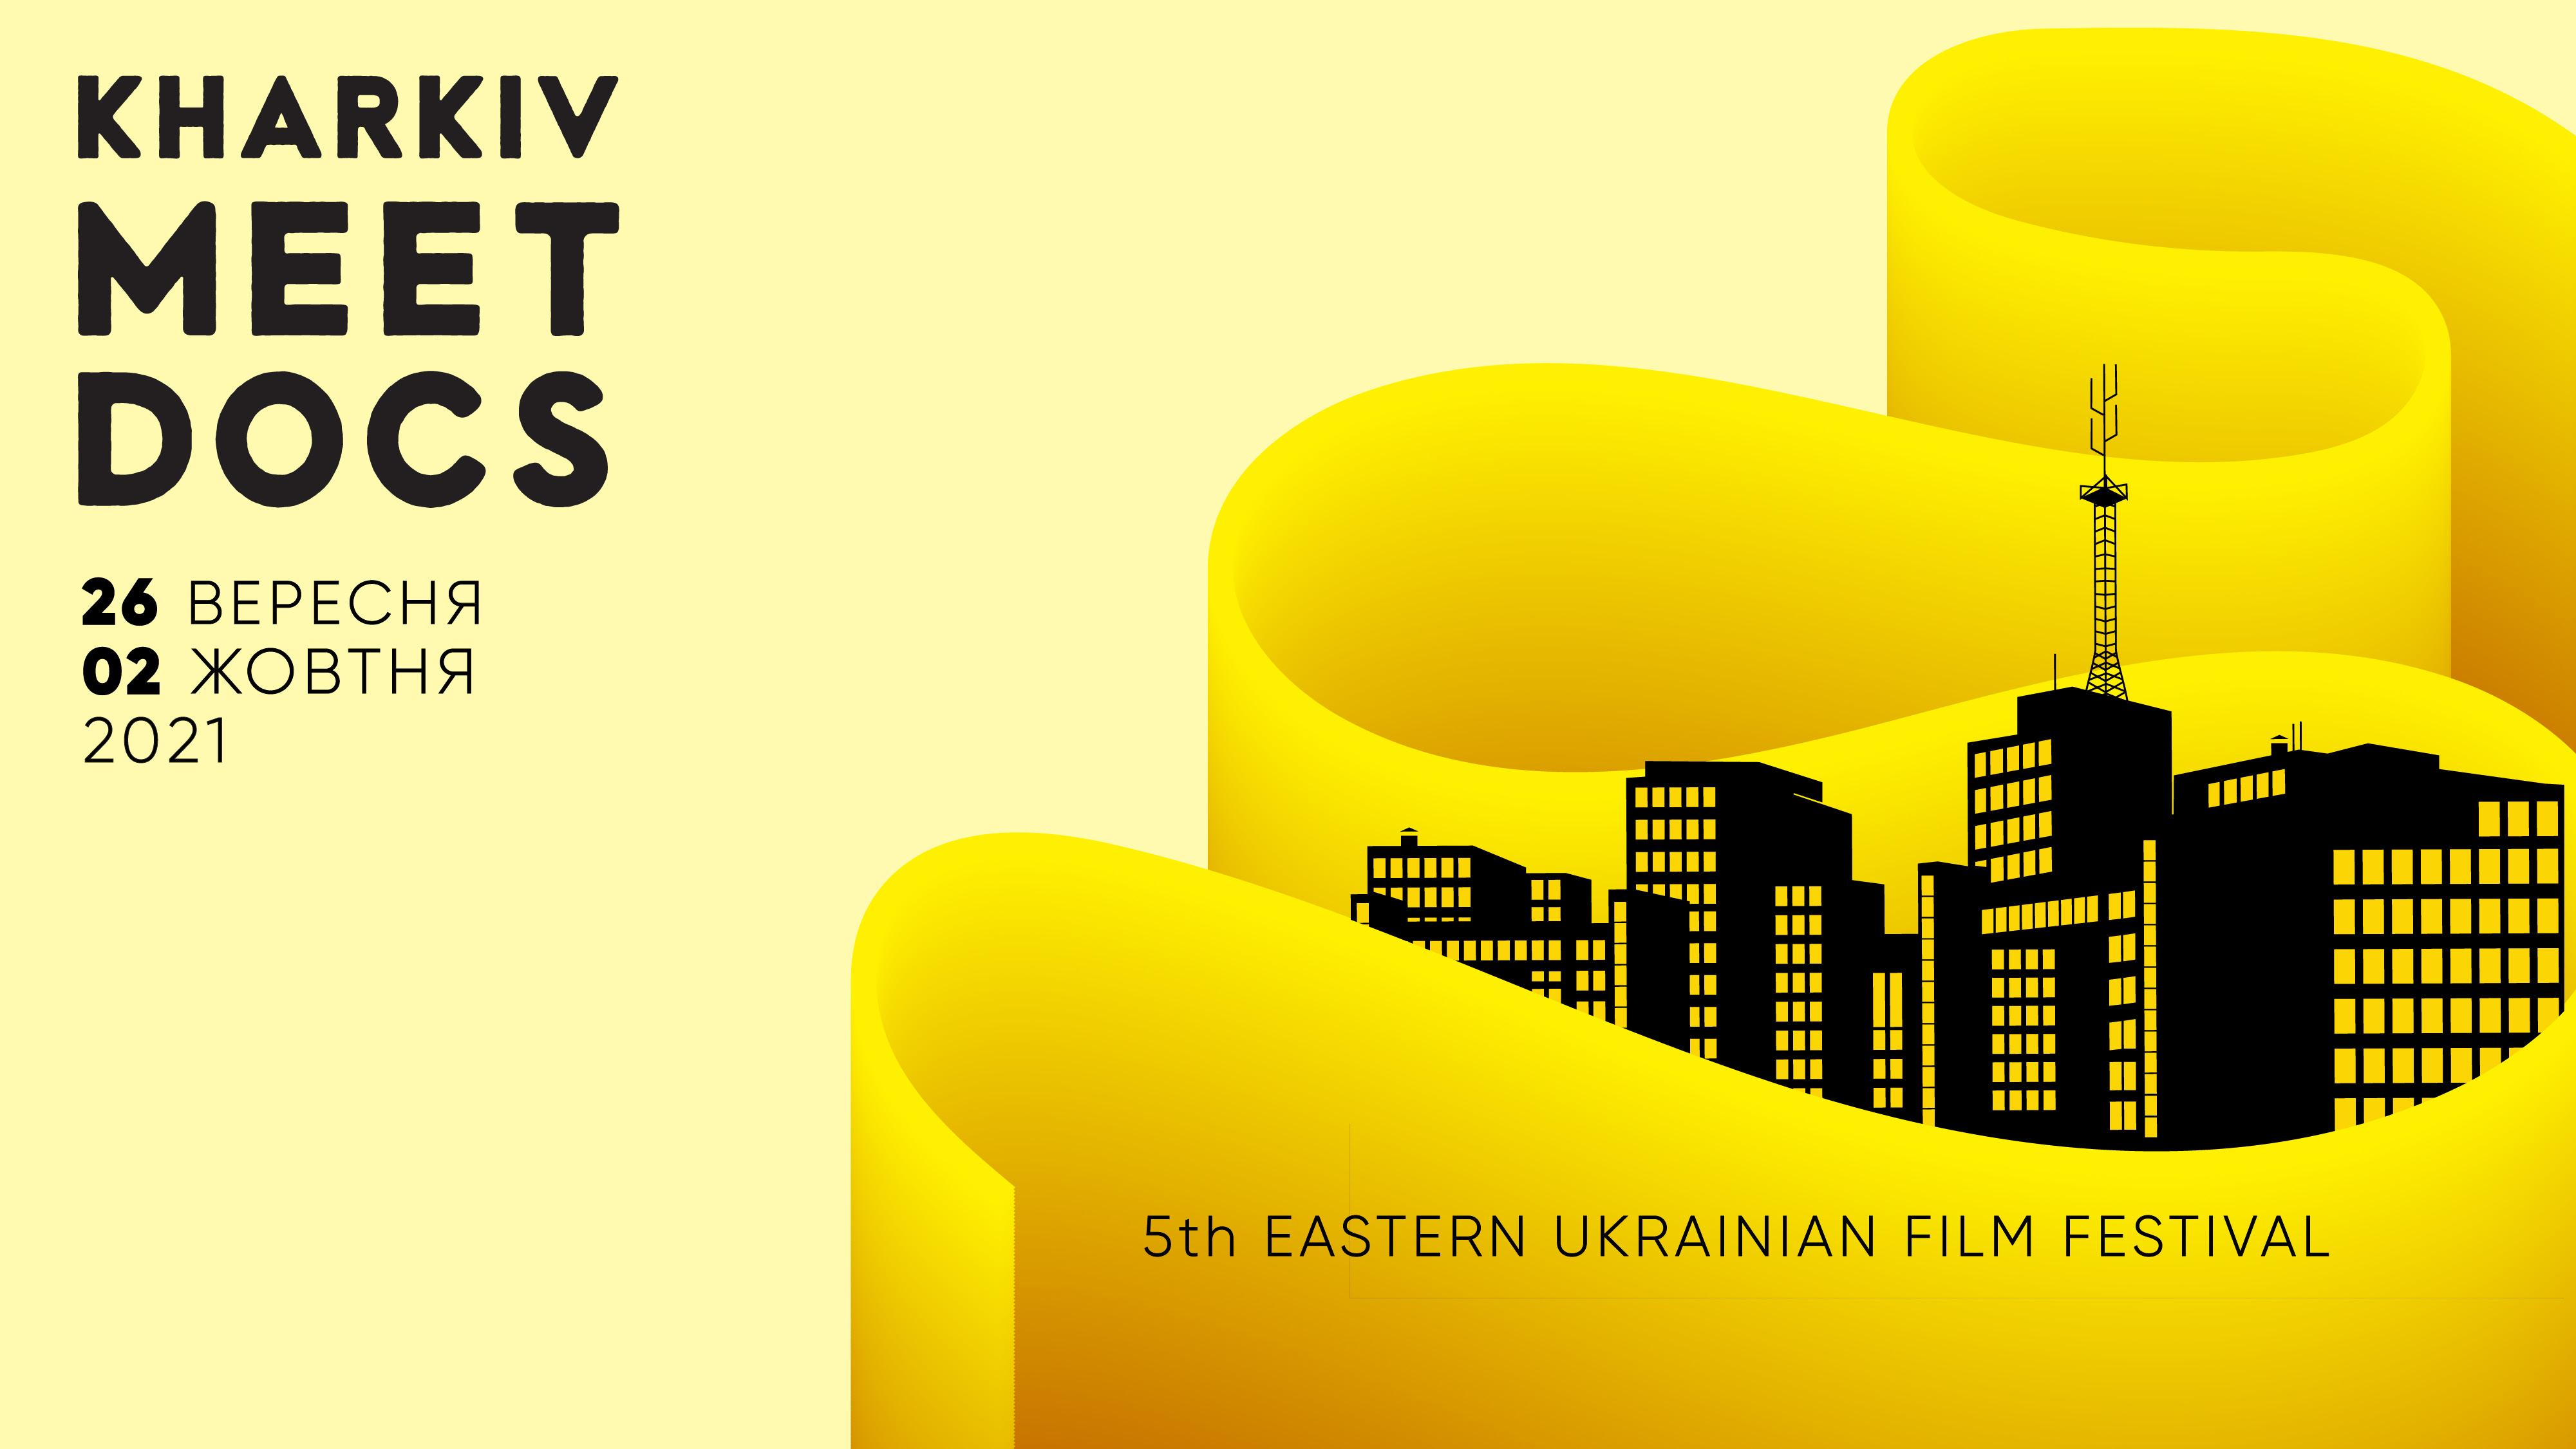 Кінофестиваль Kharkiv MeetDocs 2021 оголосив програму